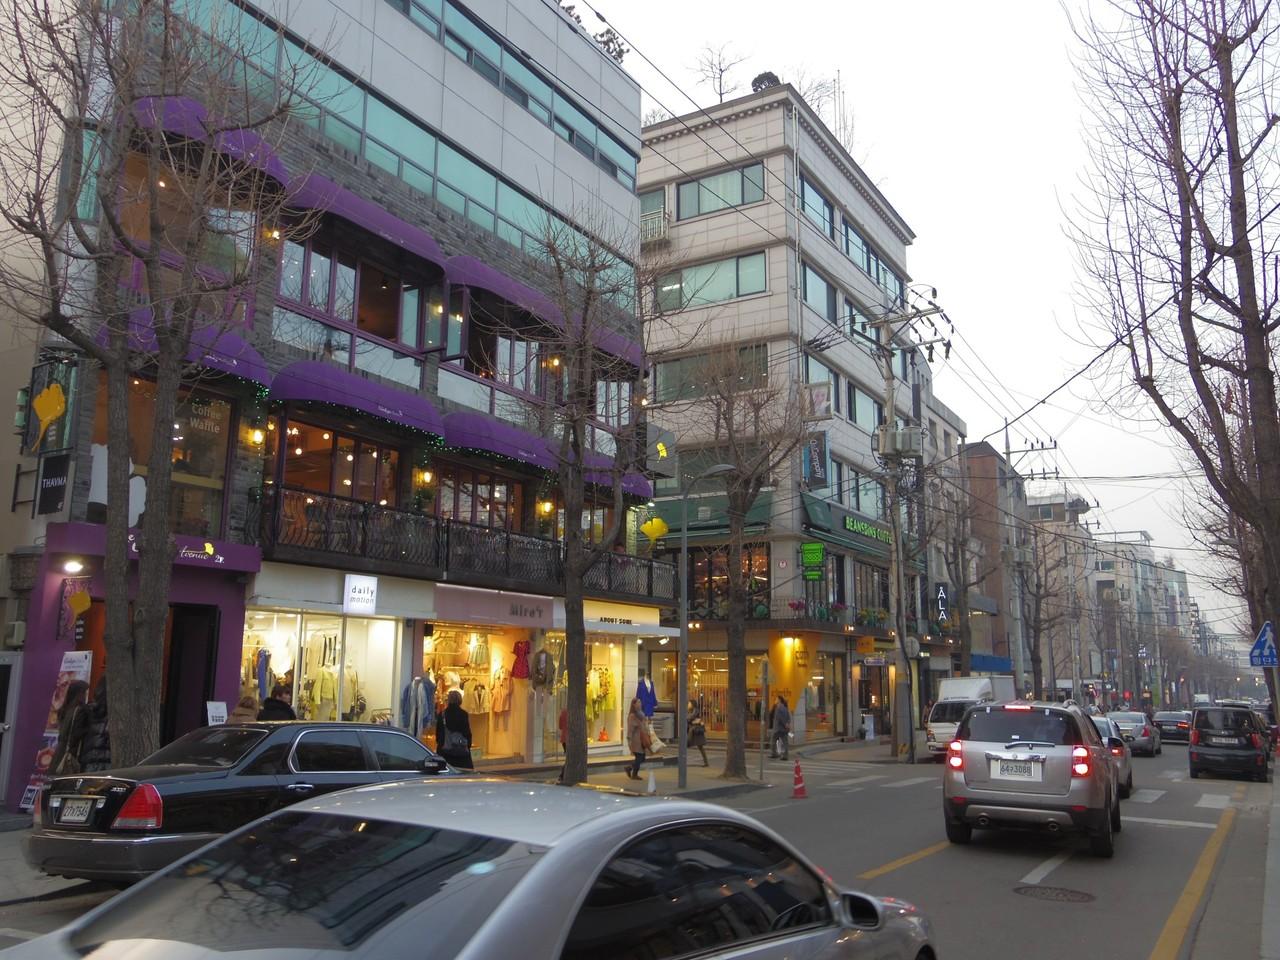 同じく江南のカロスキル(街路樹)通り。若者向けのブランドショップがならんでました。